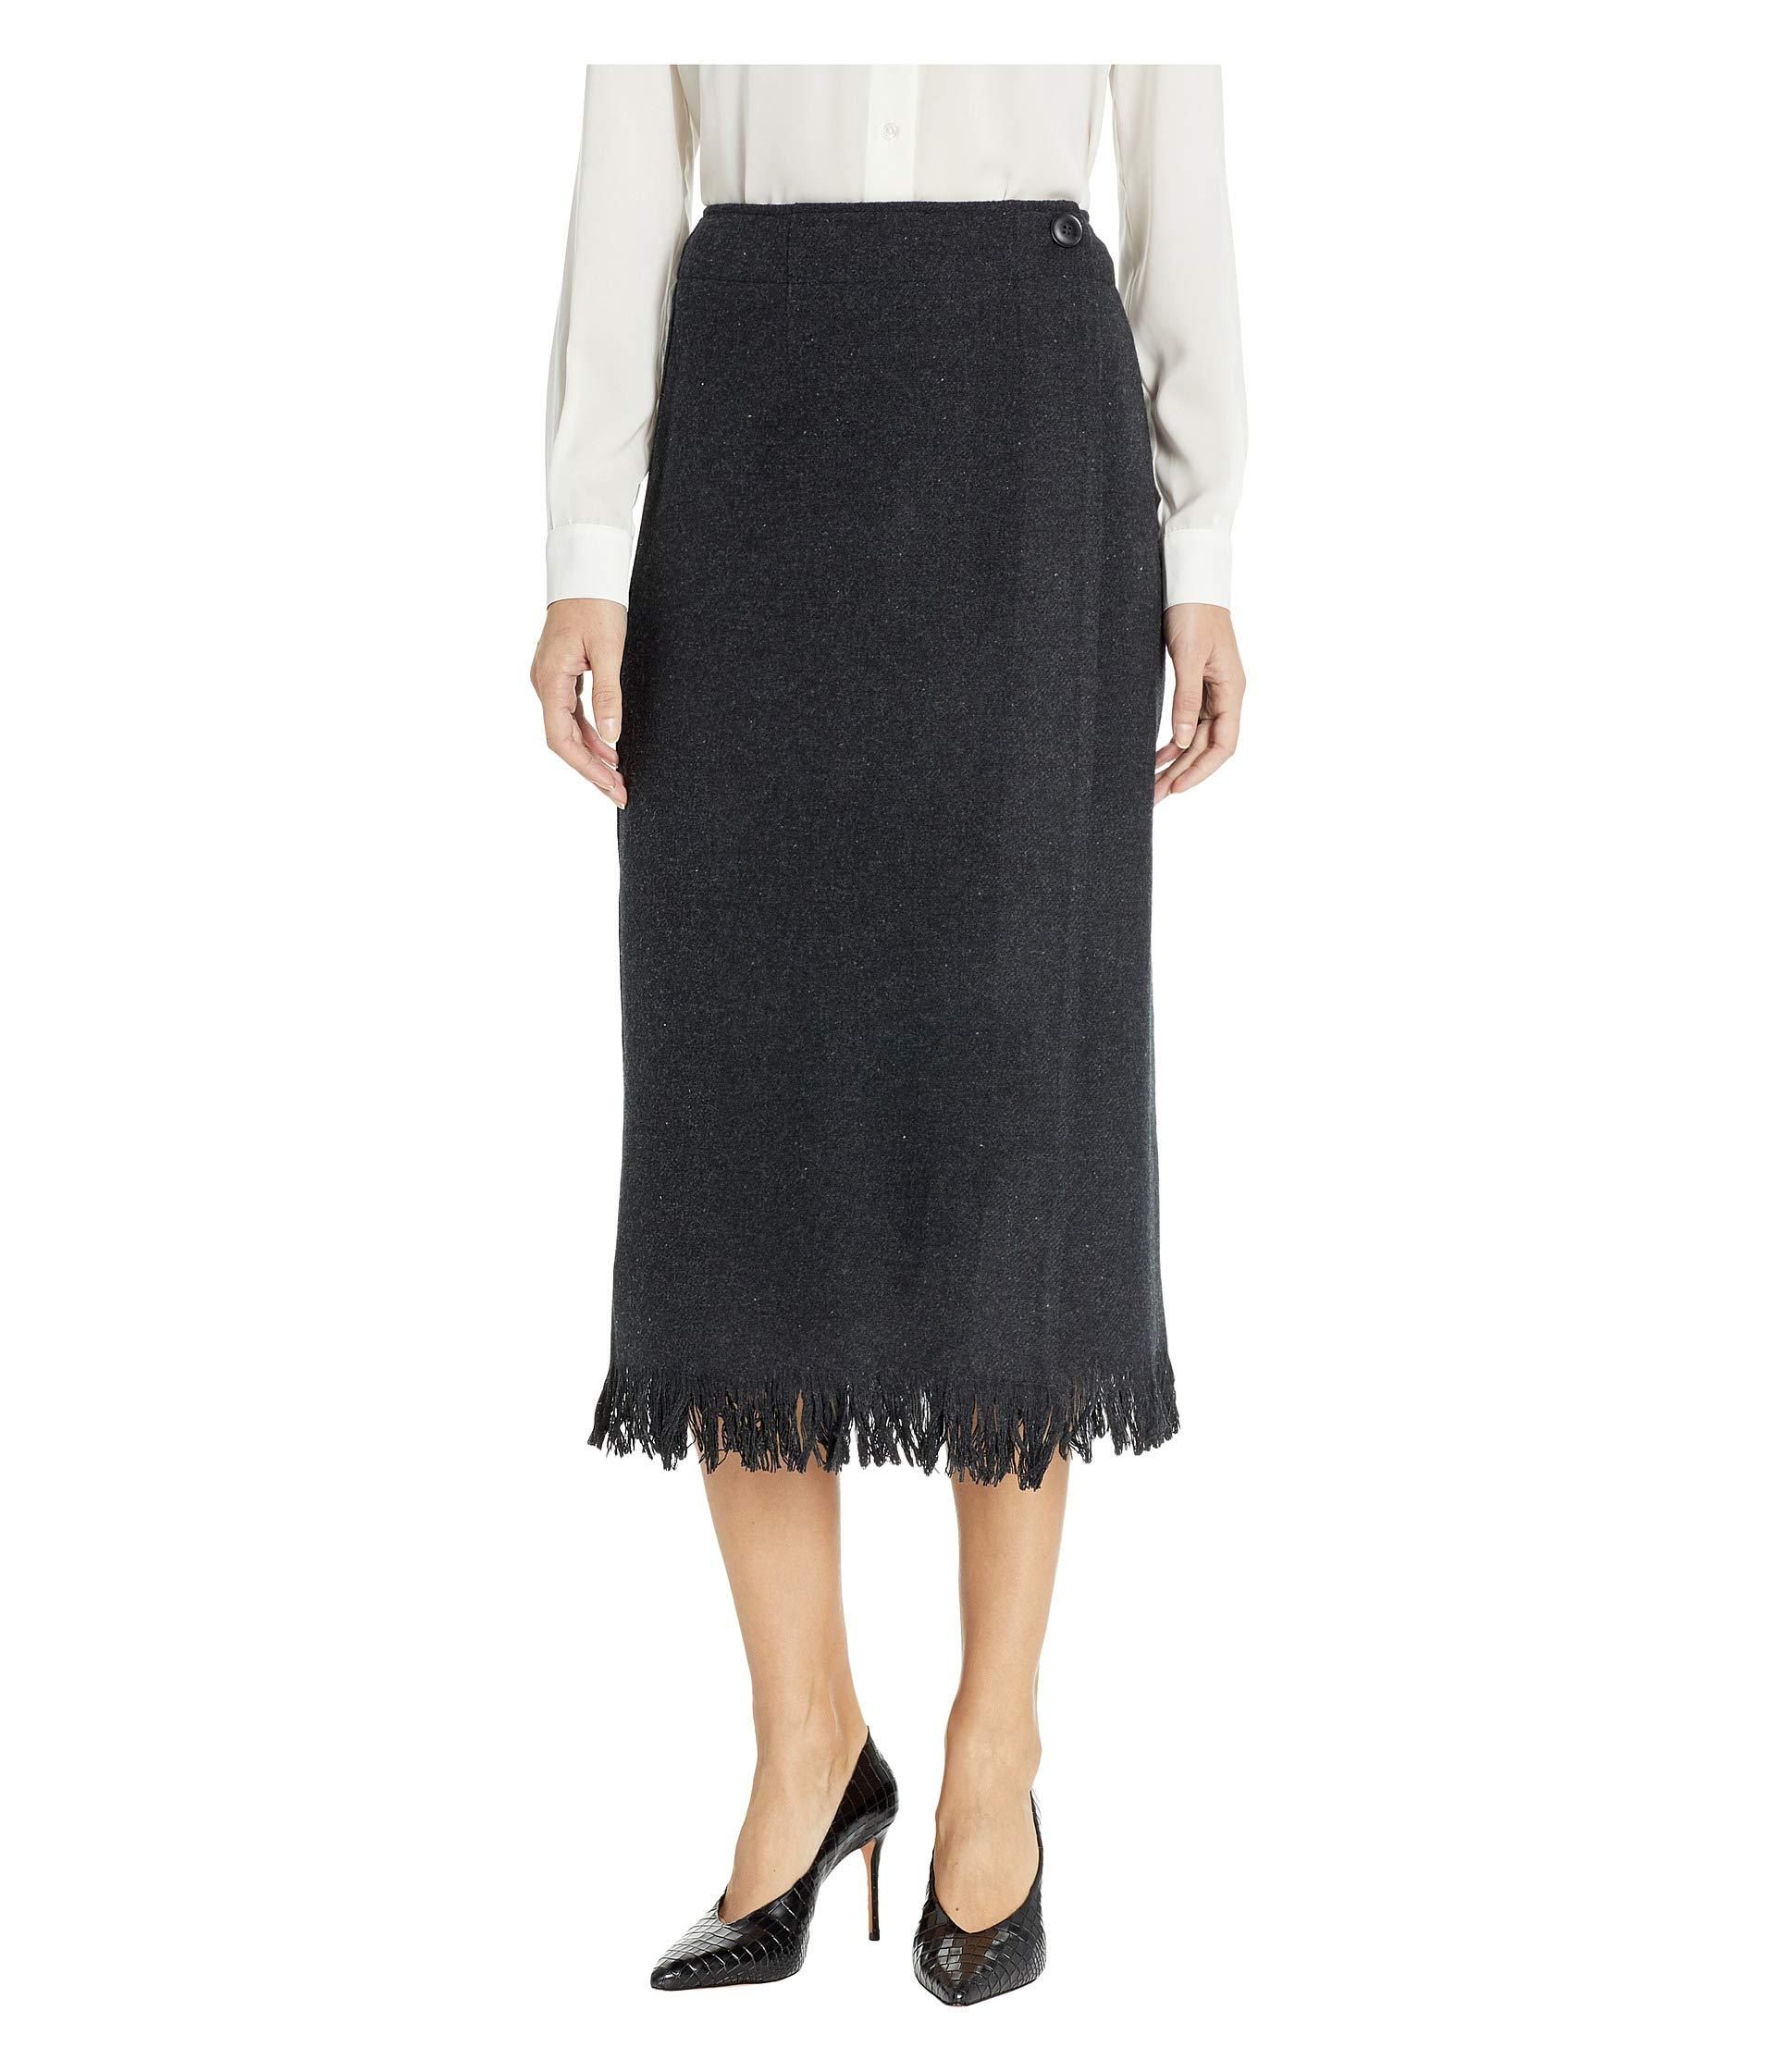 Pendleton Women's Fringed Wool Wrap Skirt